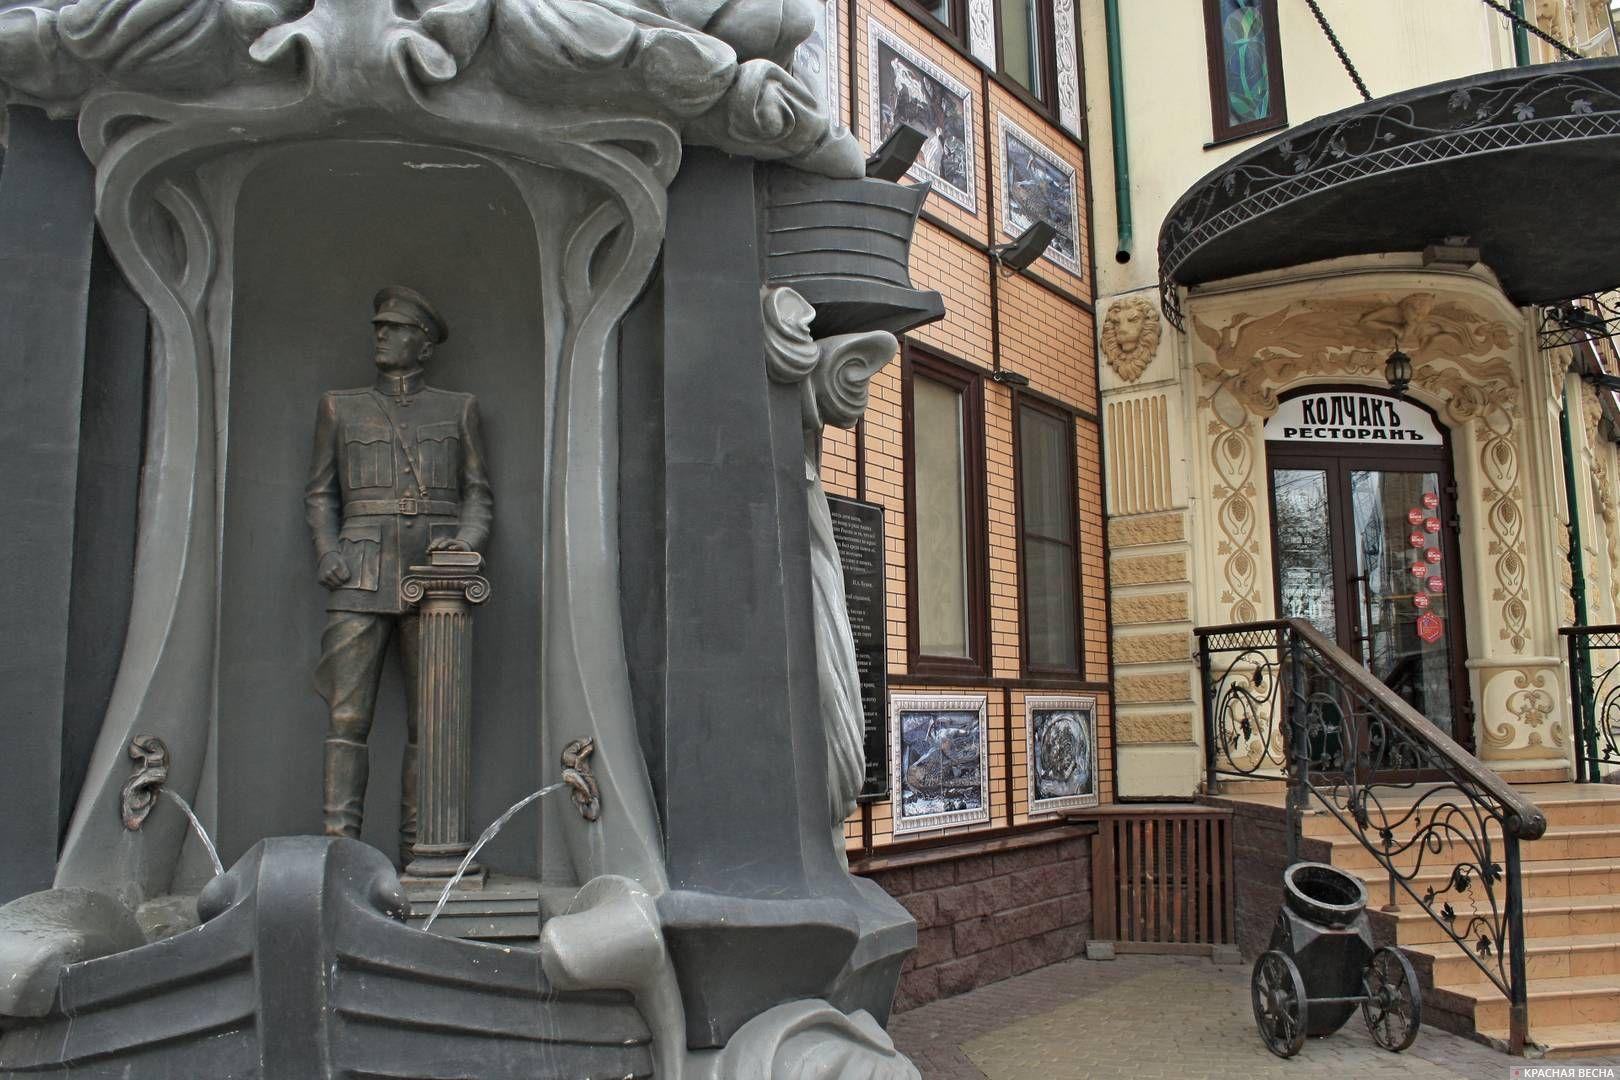 Статуя Колчака у ресторана «Колчак». Омск